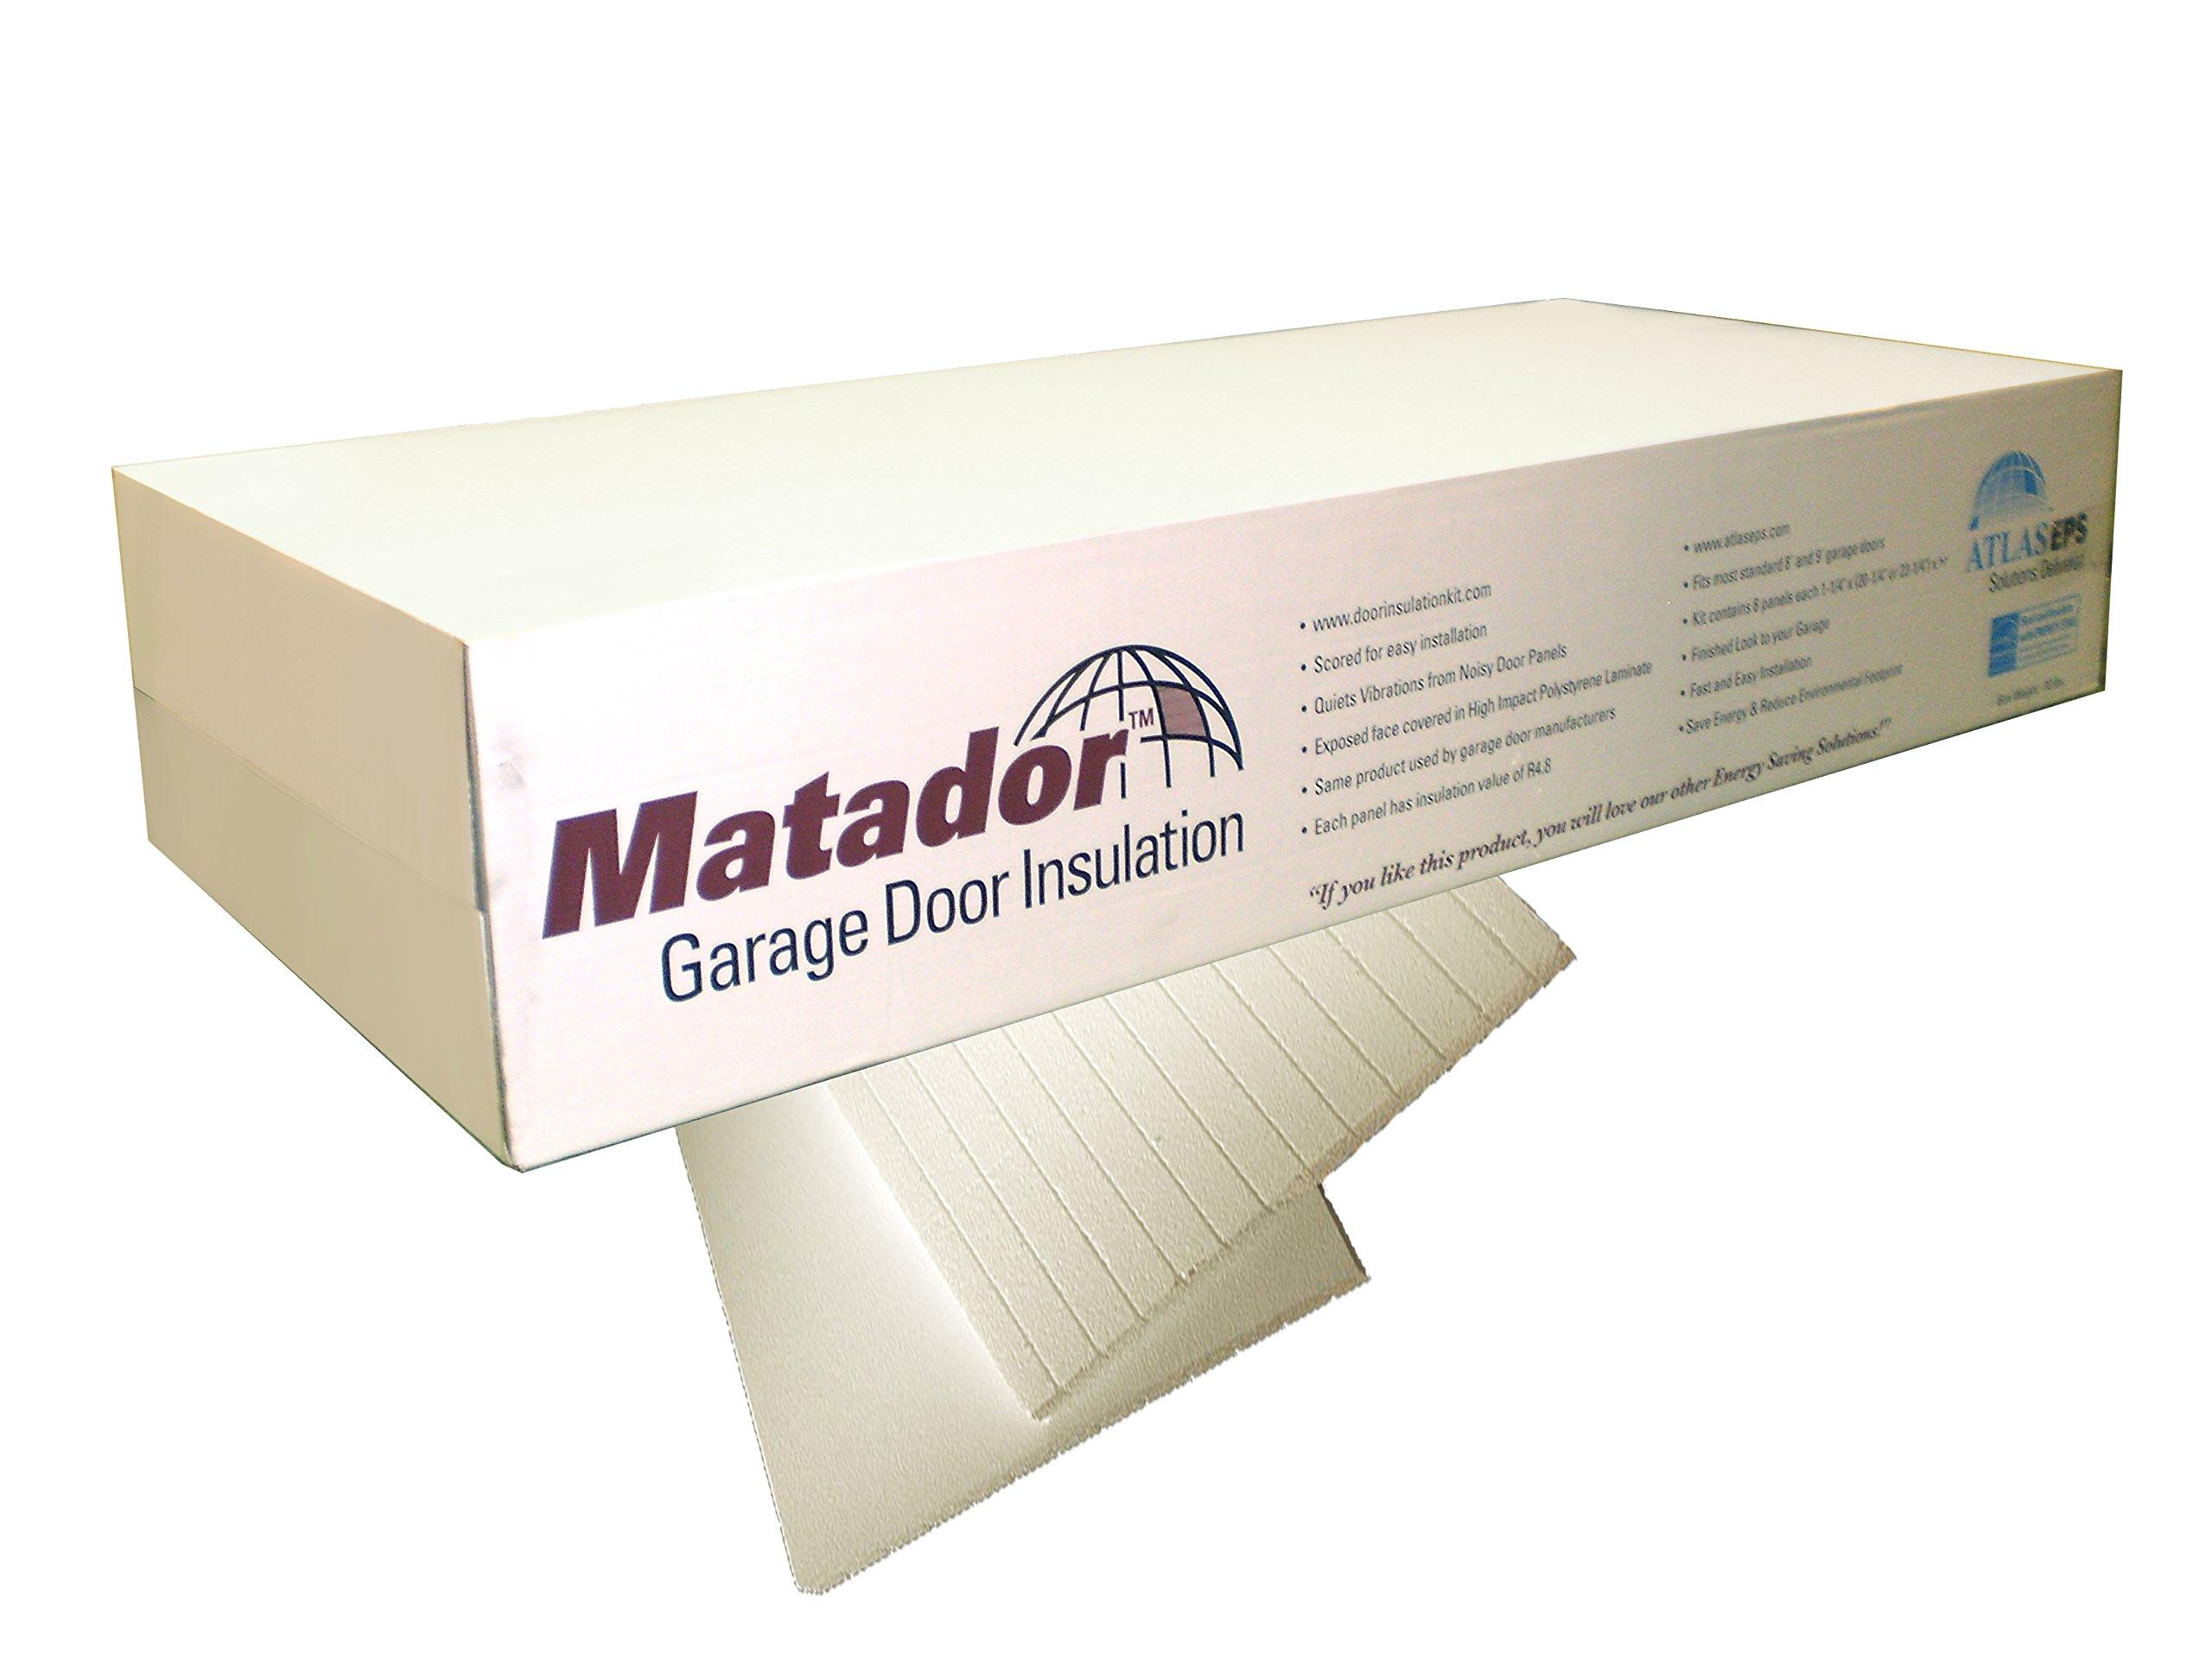 Matador Garage Door Insulation Kit, Designed for 8 Foot Tall Door up to 9 Feet Wide